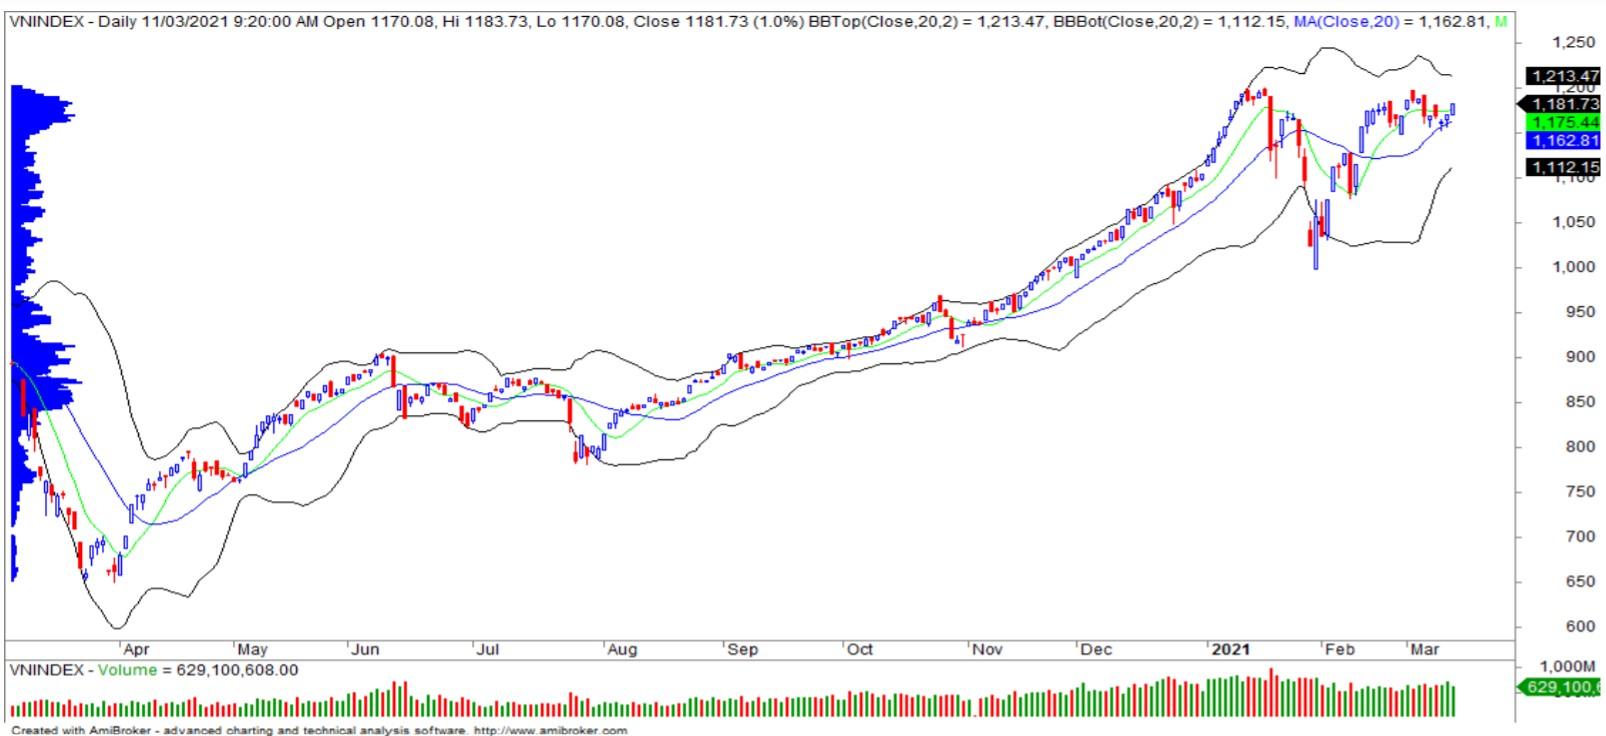 Nhận định thị trường chứng khoán ngày 12/3: Tiếp tục thử thách vùng kháng cự 1.185 - 1.200 điểm - Ảnh 1.